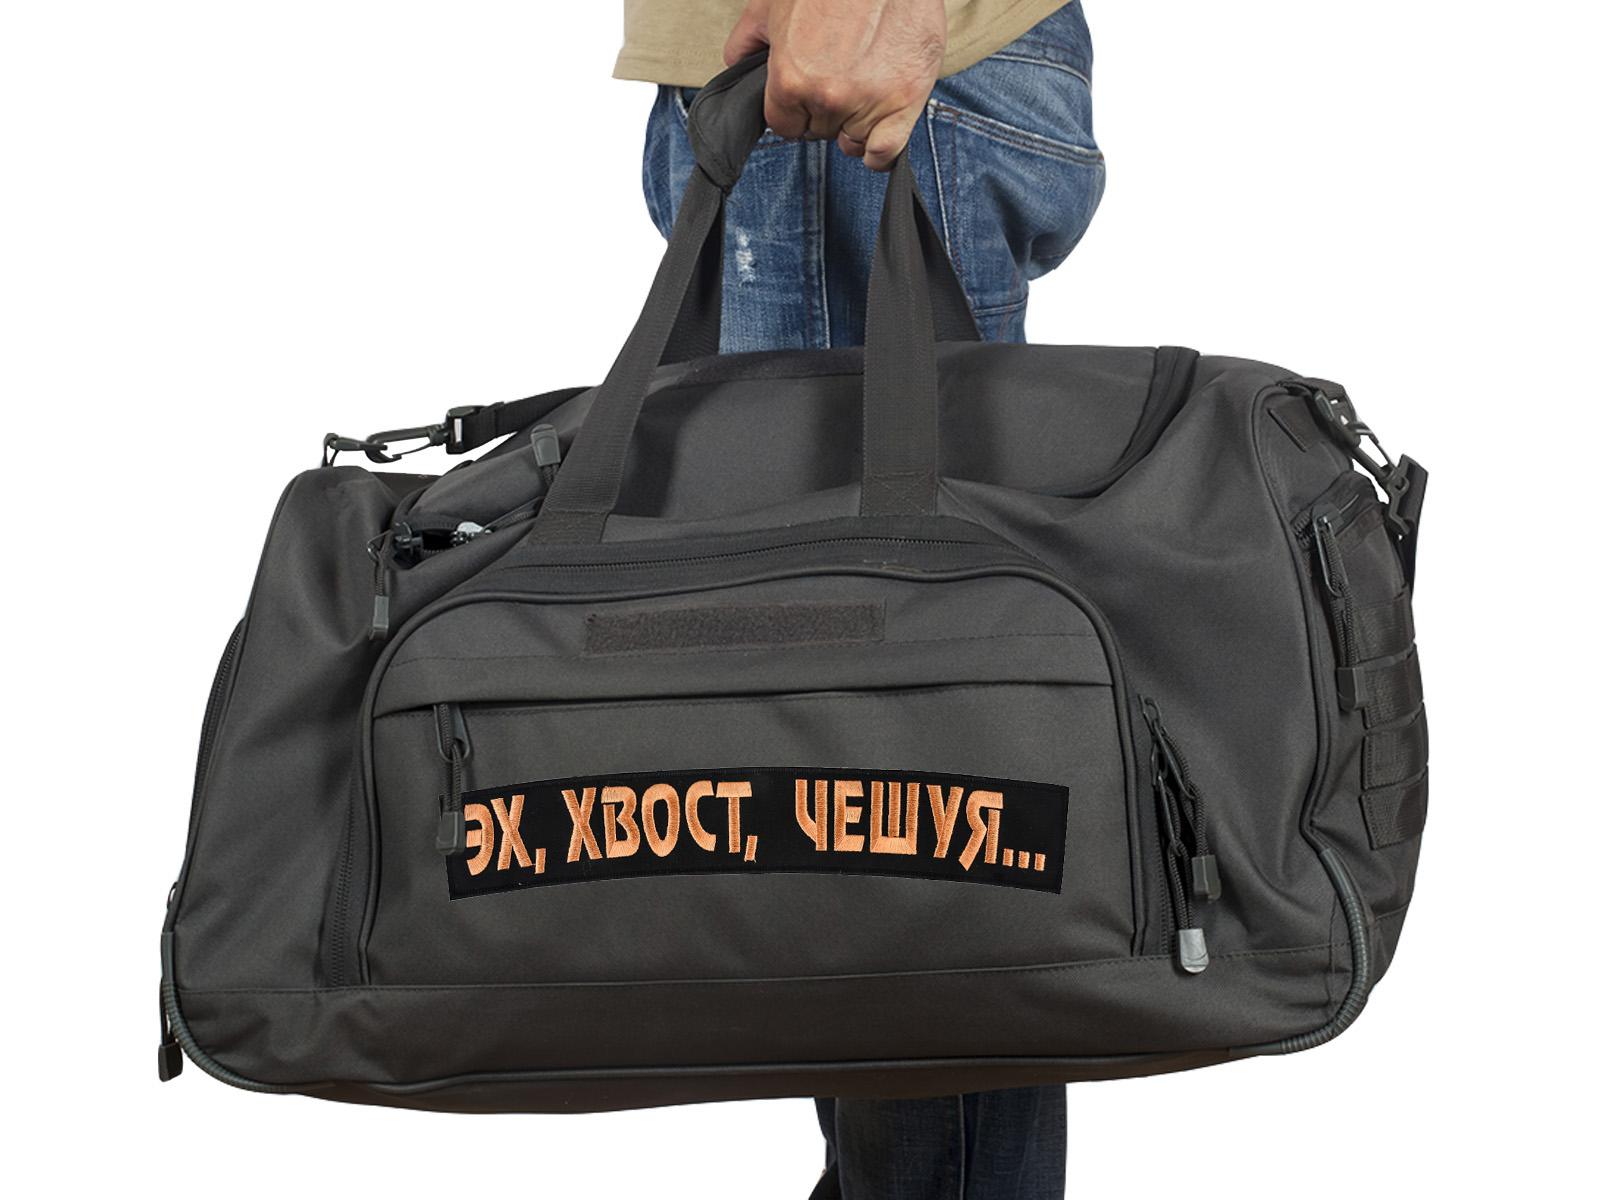 Купить тактическую дорожную сумку 08032B Эх, хвост, чешуя по выгодной цене